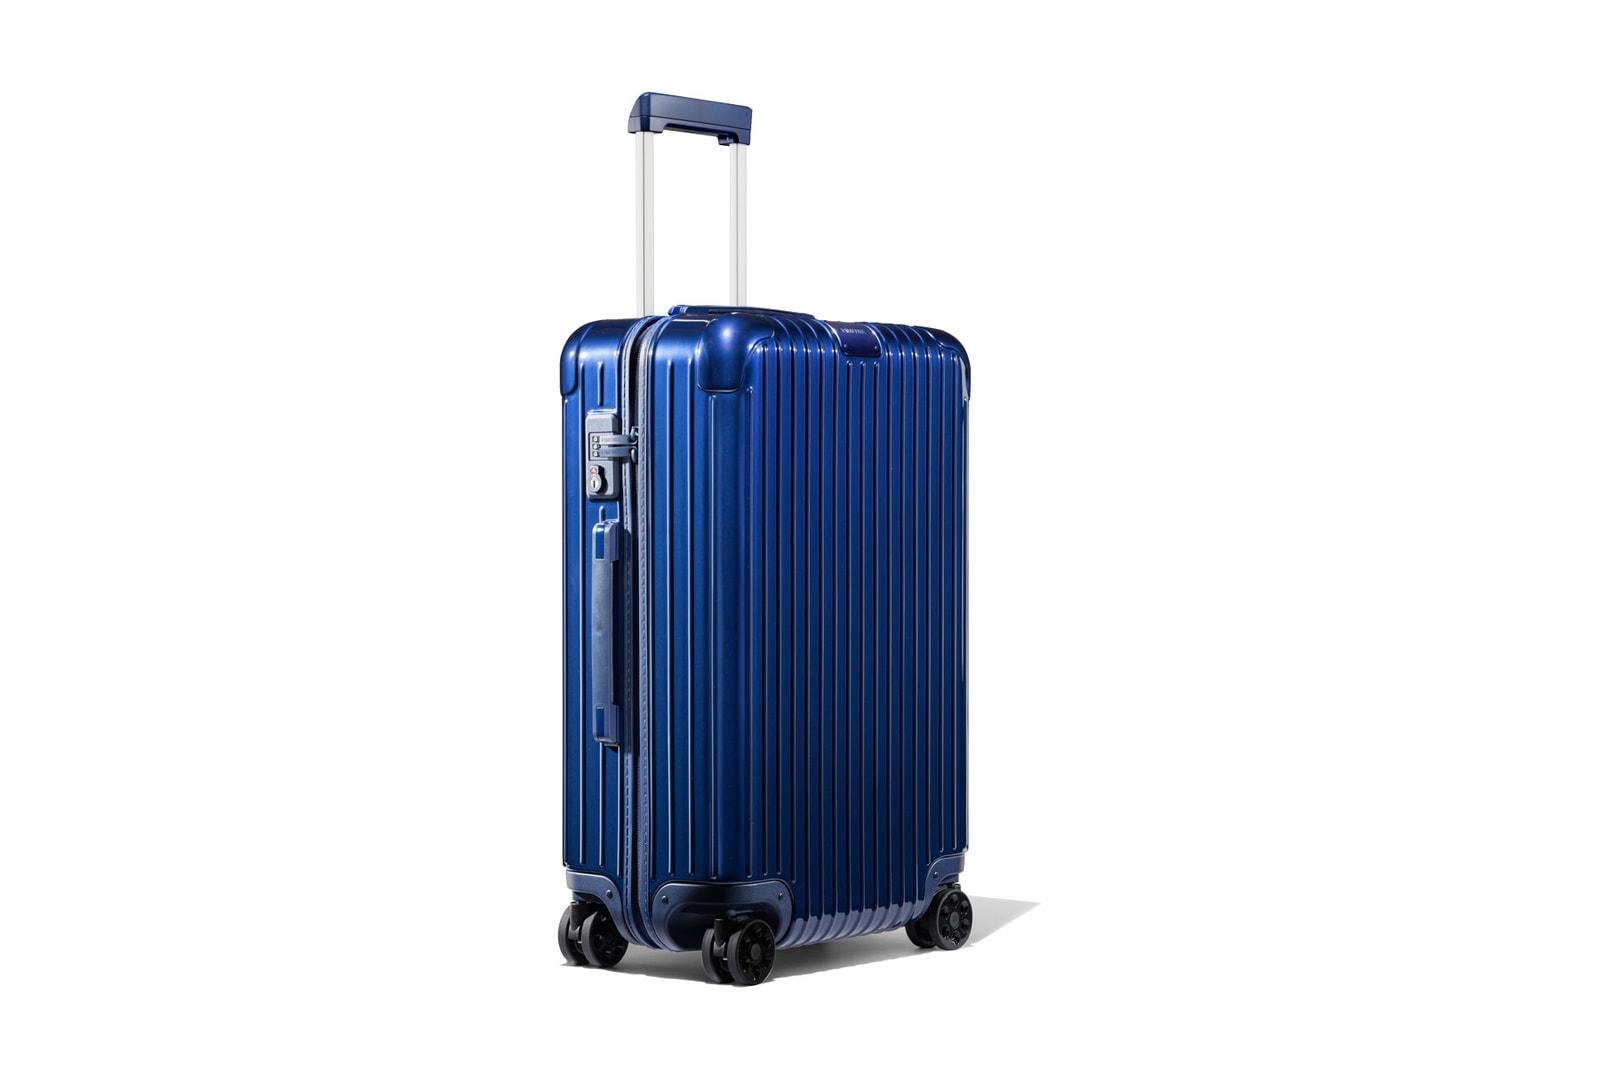 오프 화이트 버질 아블로 리모와 투명 트렁크 캐리어 러기지 슈트케이스 2018 off white virgil abloh rimowa transparent polycarbonate suitcase